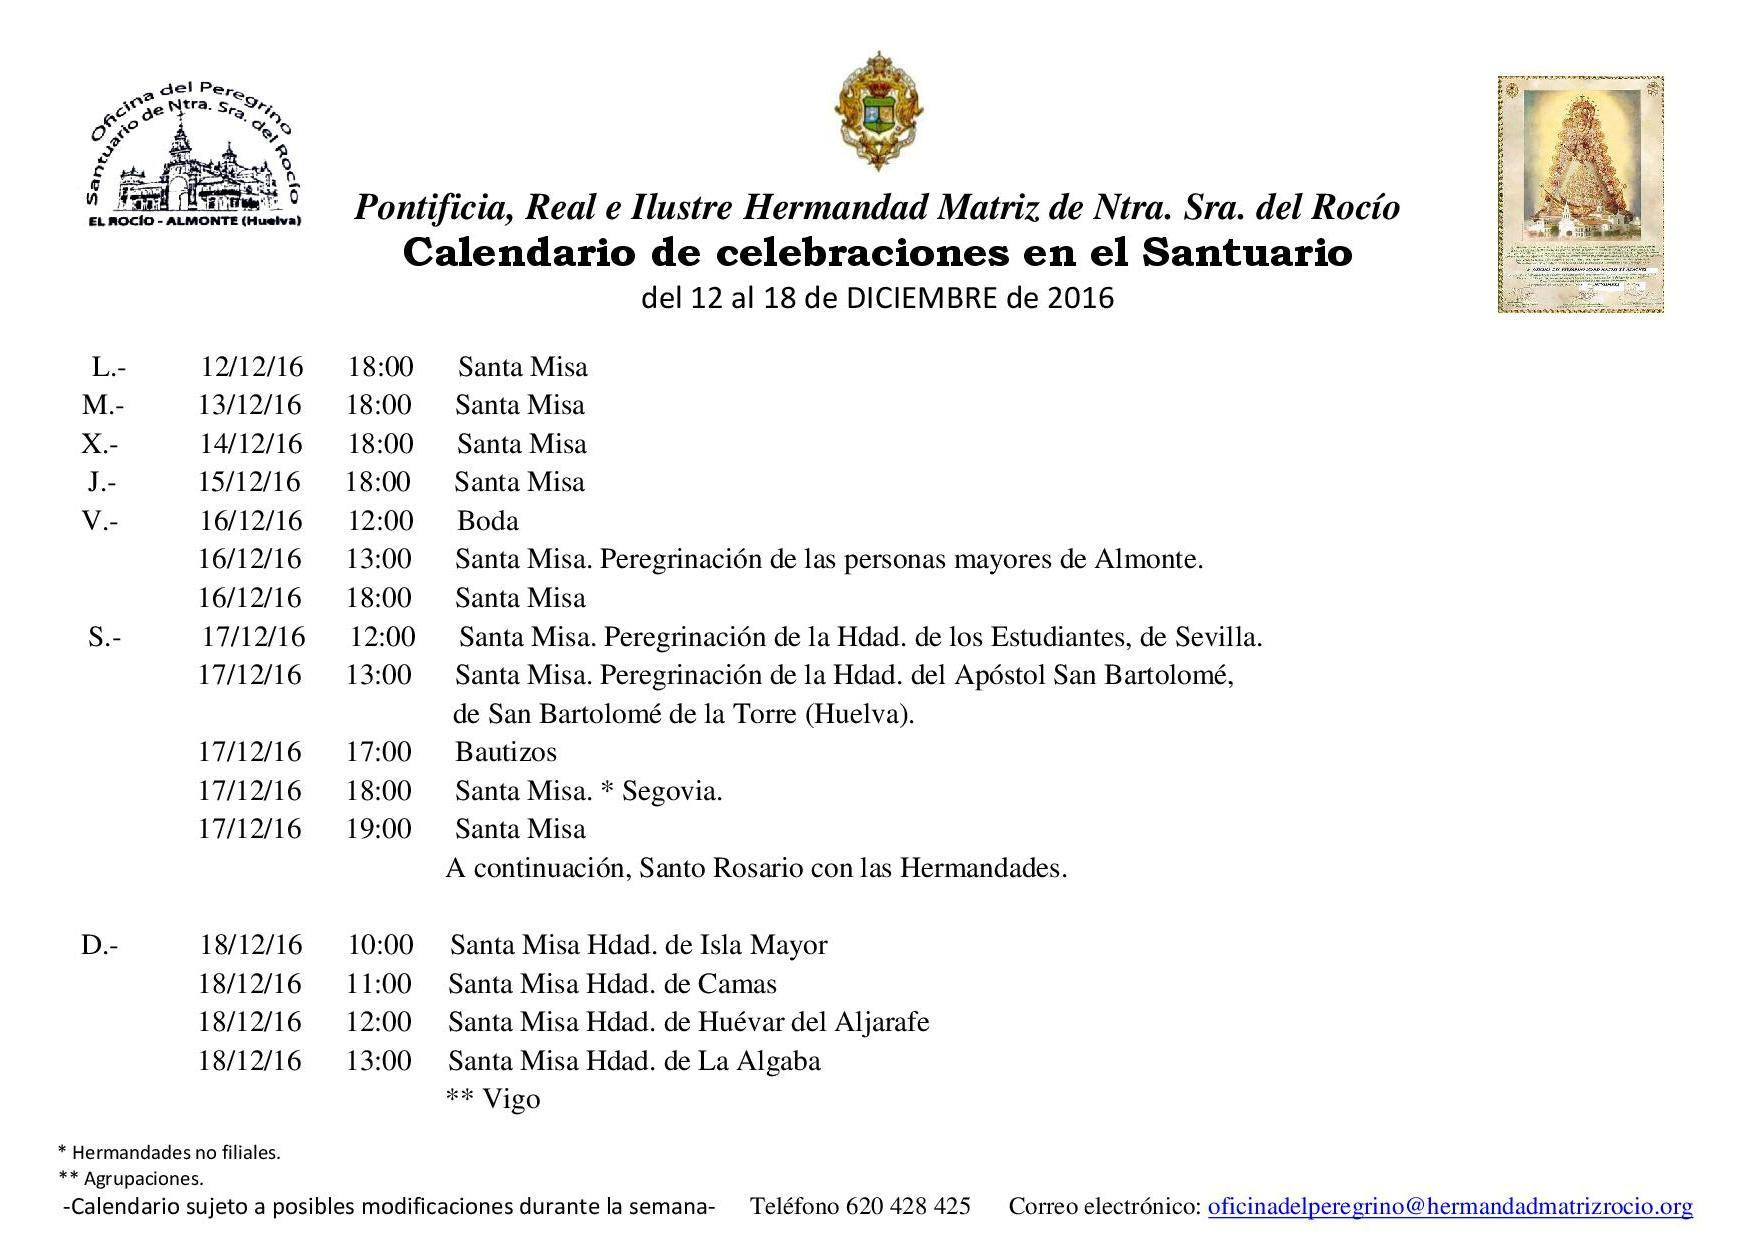 calendario-celebraciones-en-el-rocio-del-12-al-18-de-diciembre-de-2016